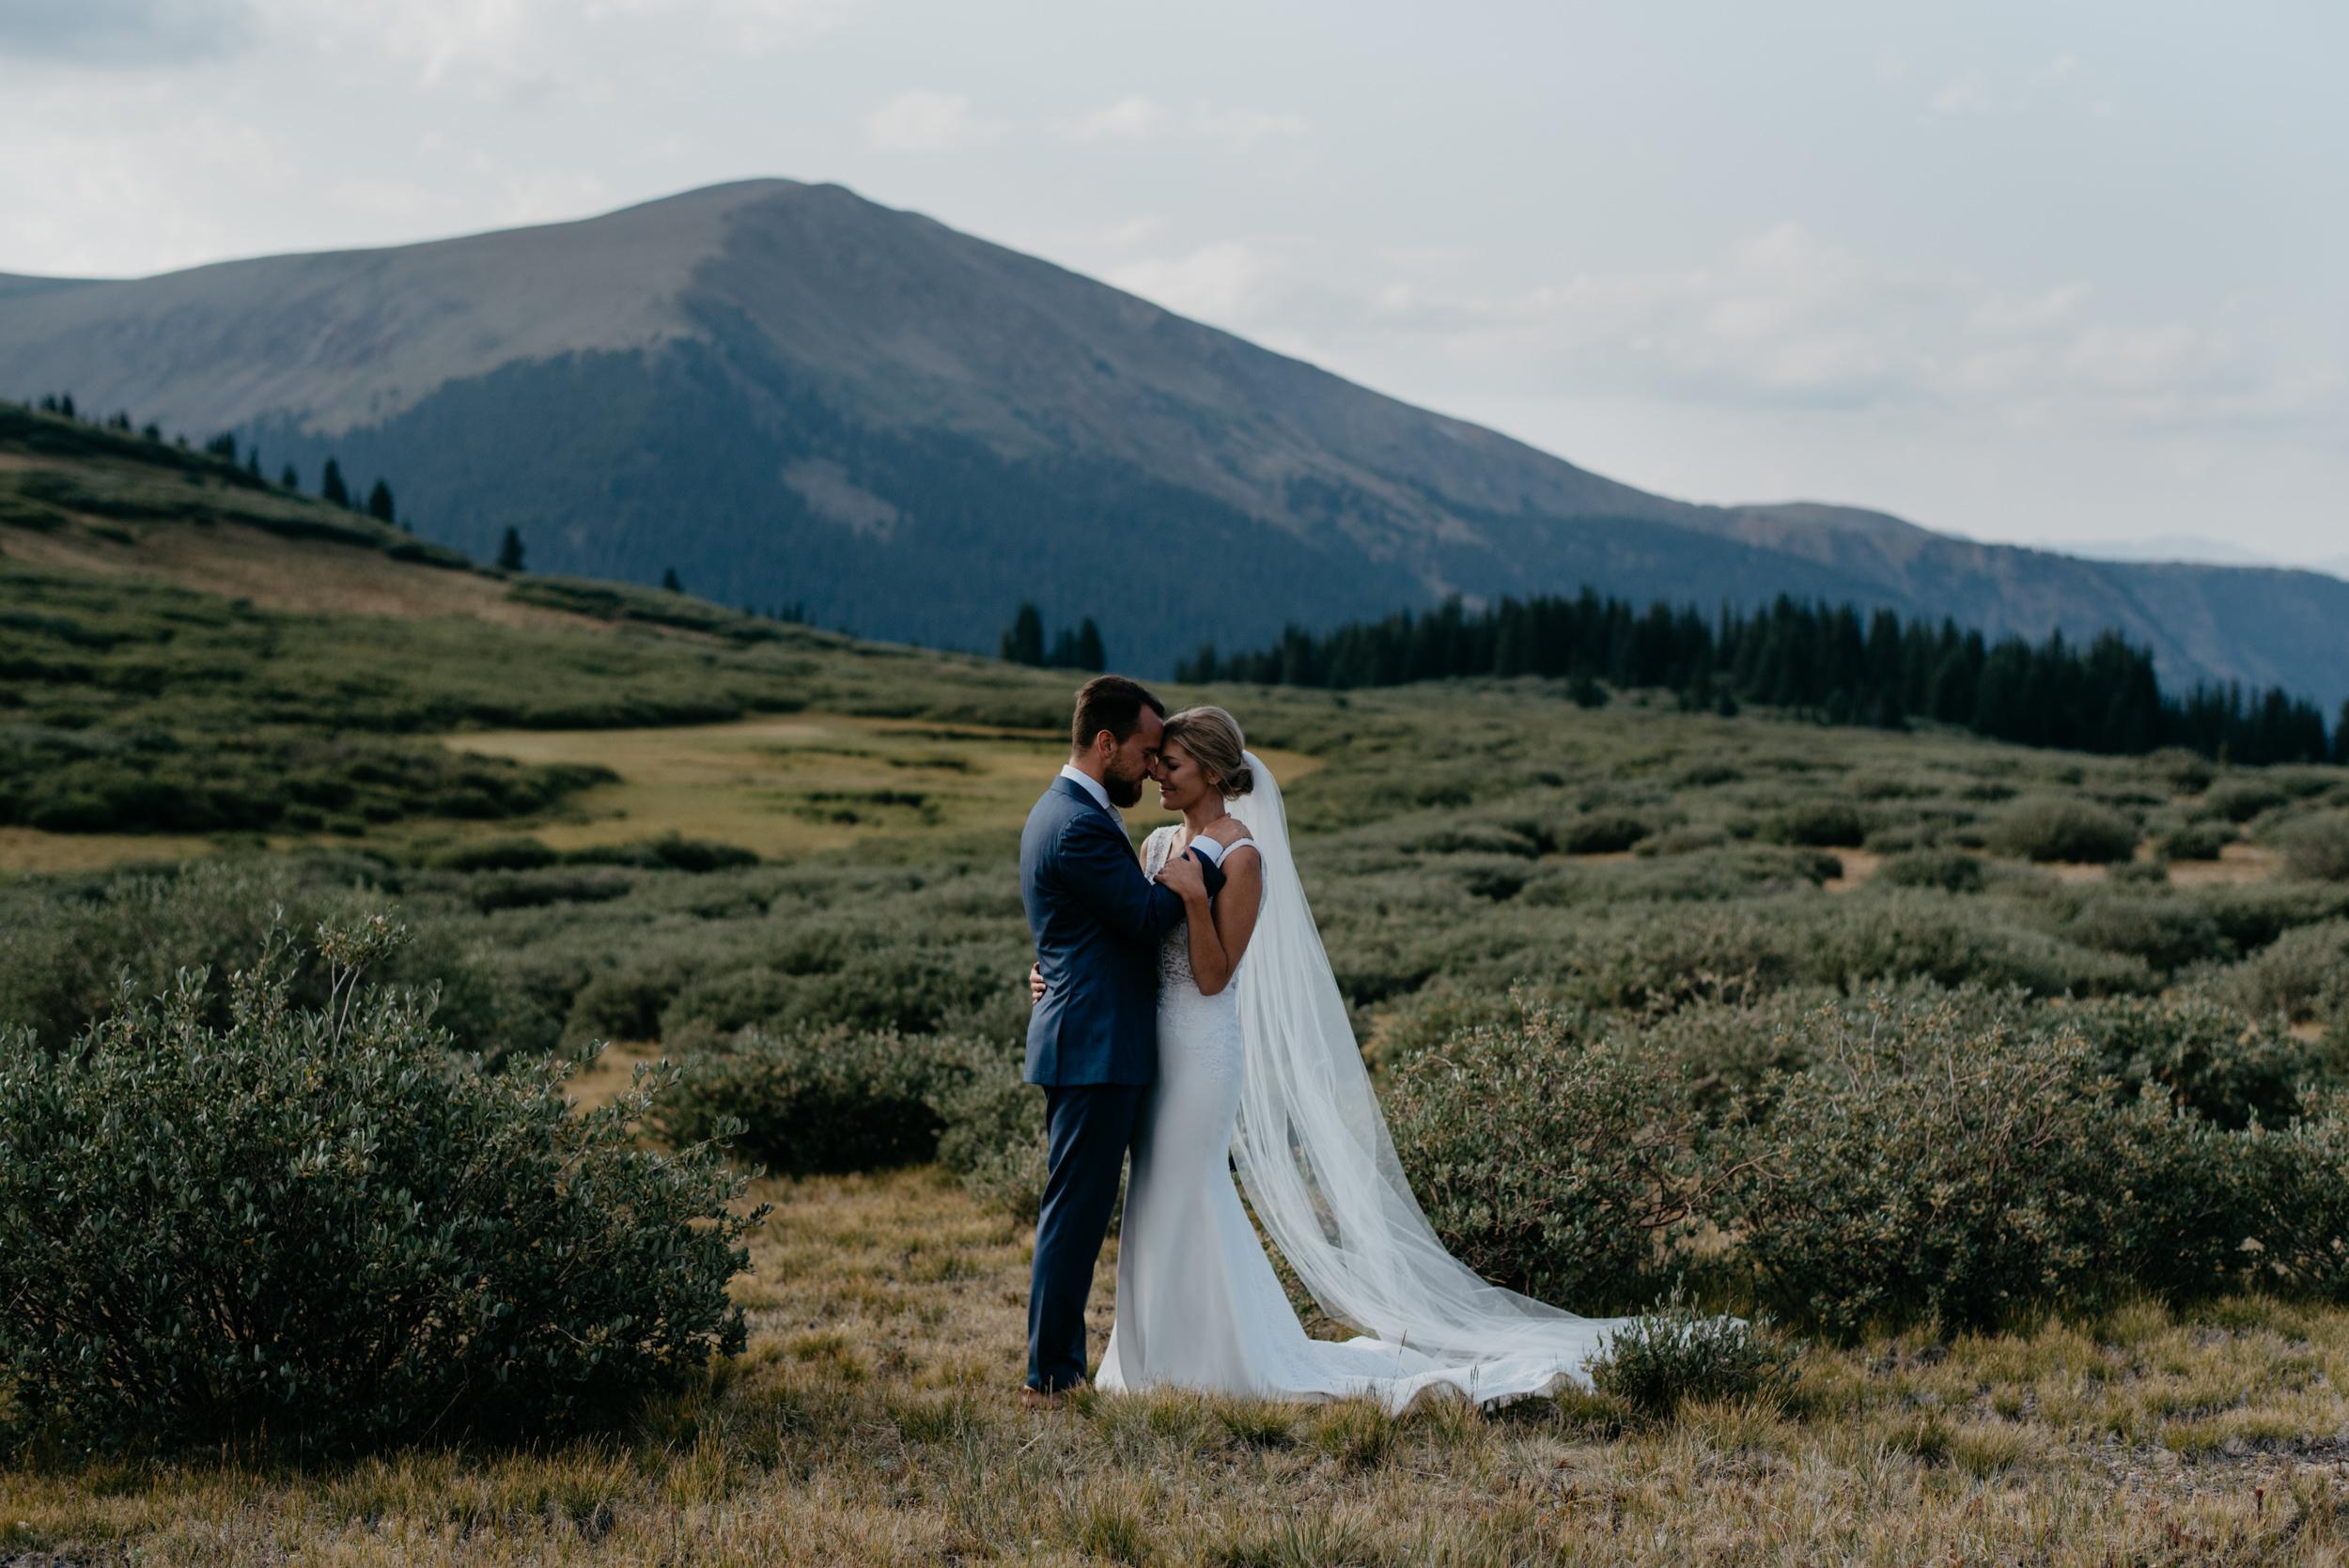 Colorado mountain wedding inspiration. Colorado elopement photographer.